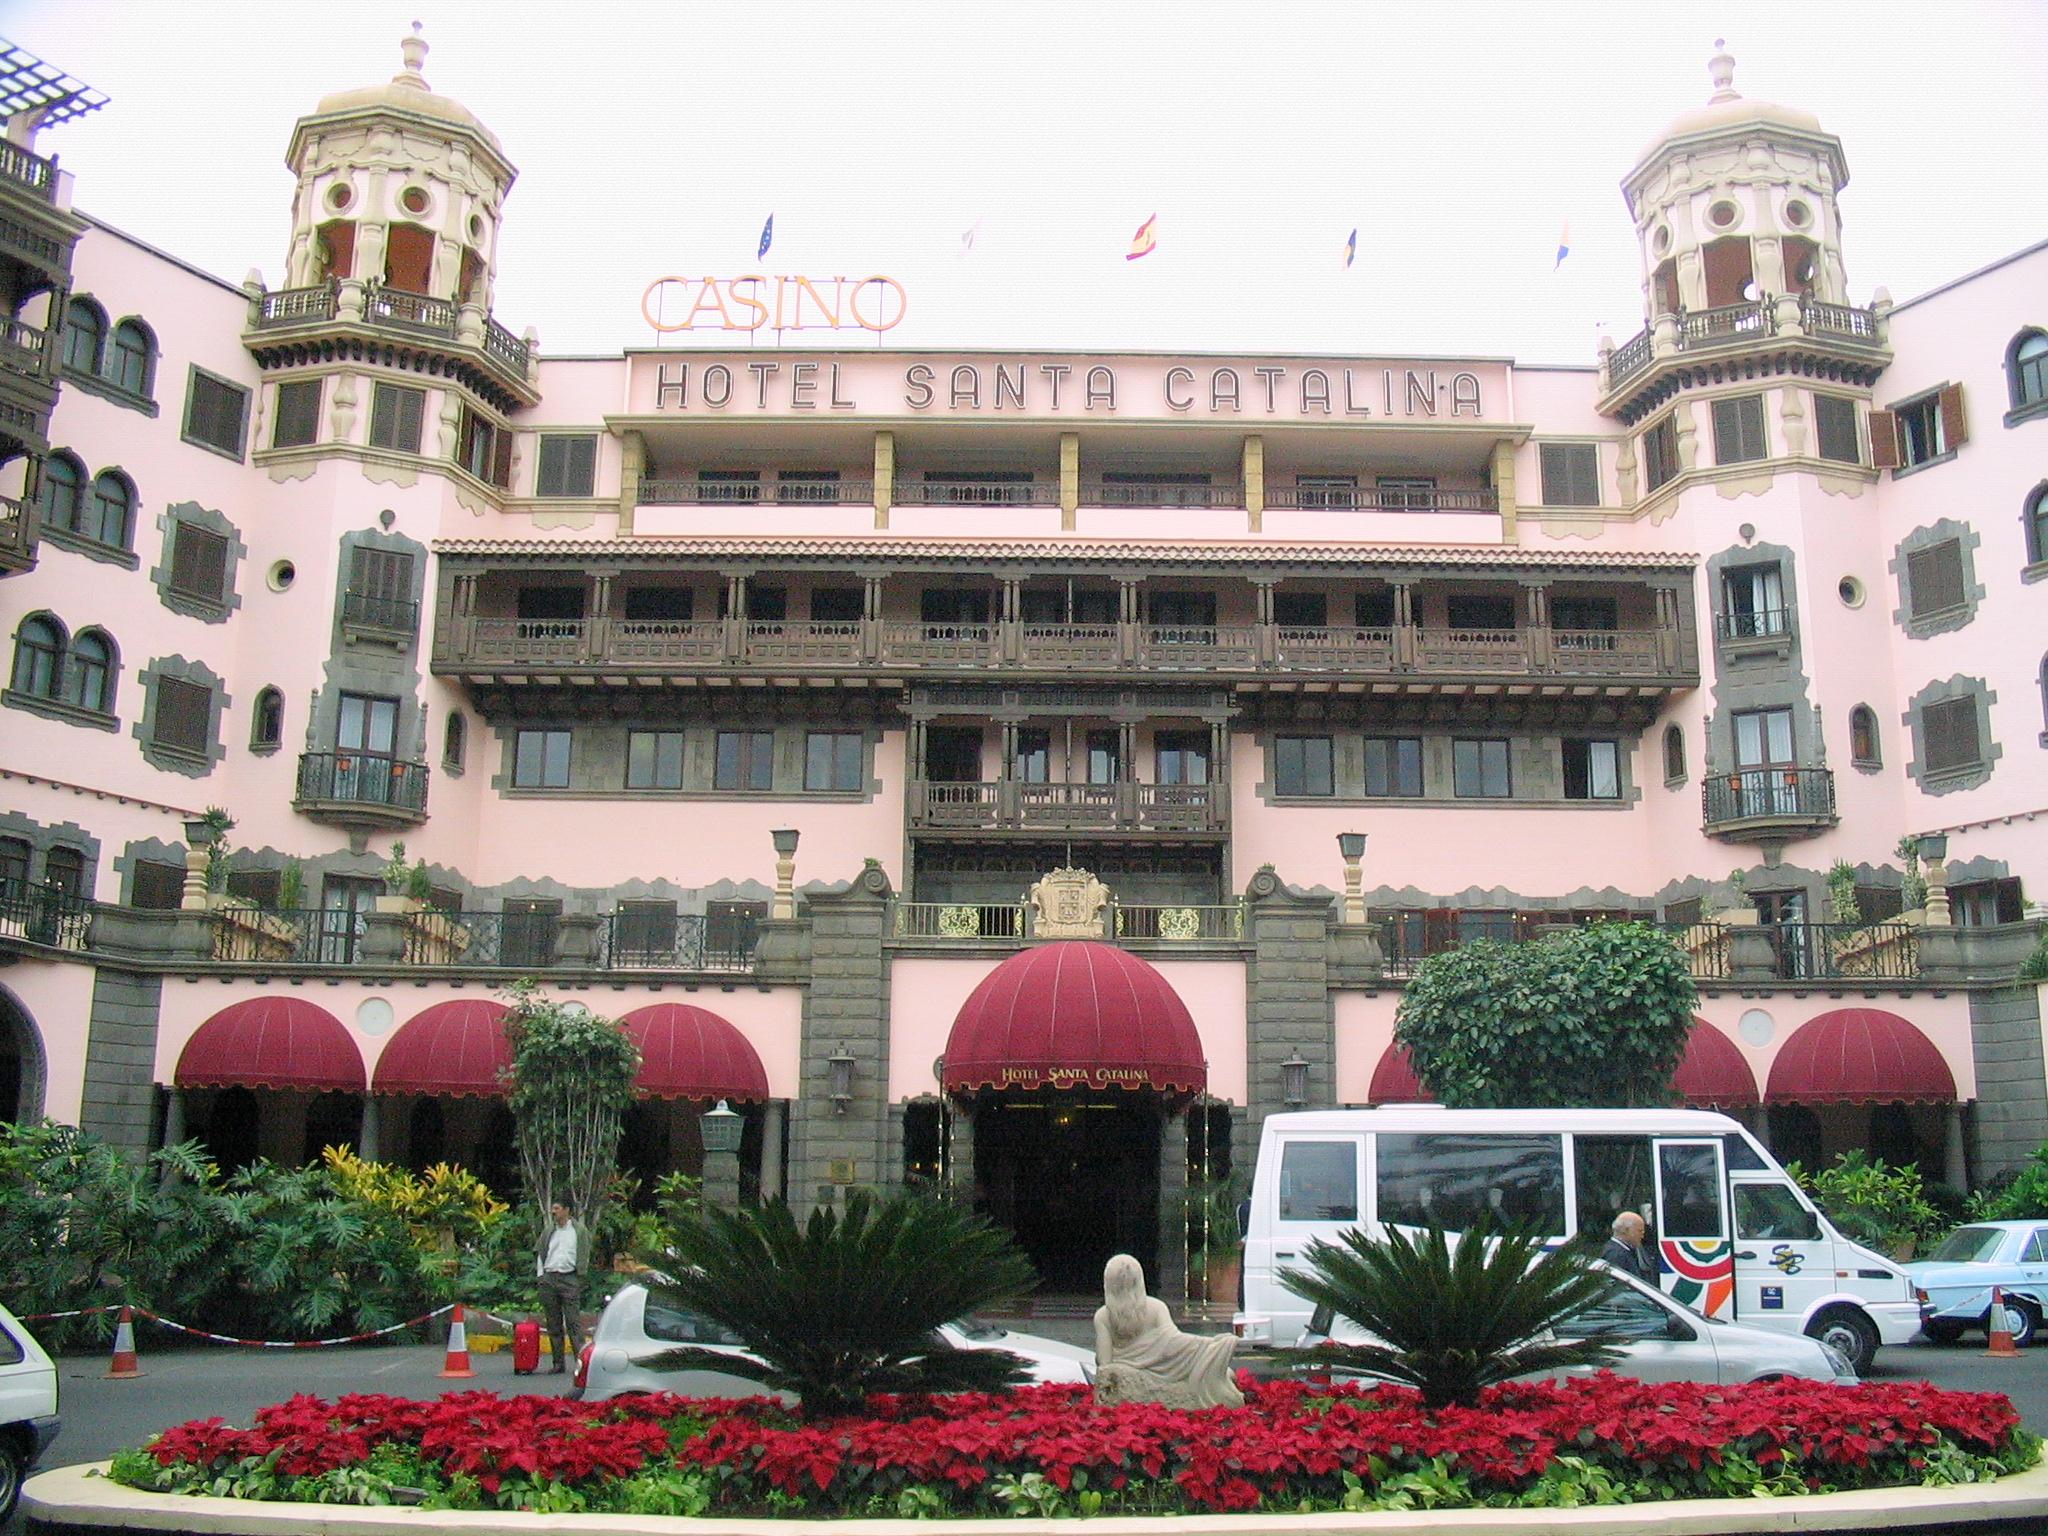 Entrada principal y fachada del Hotel Santa Catalina